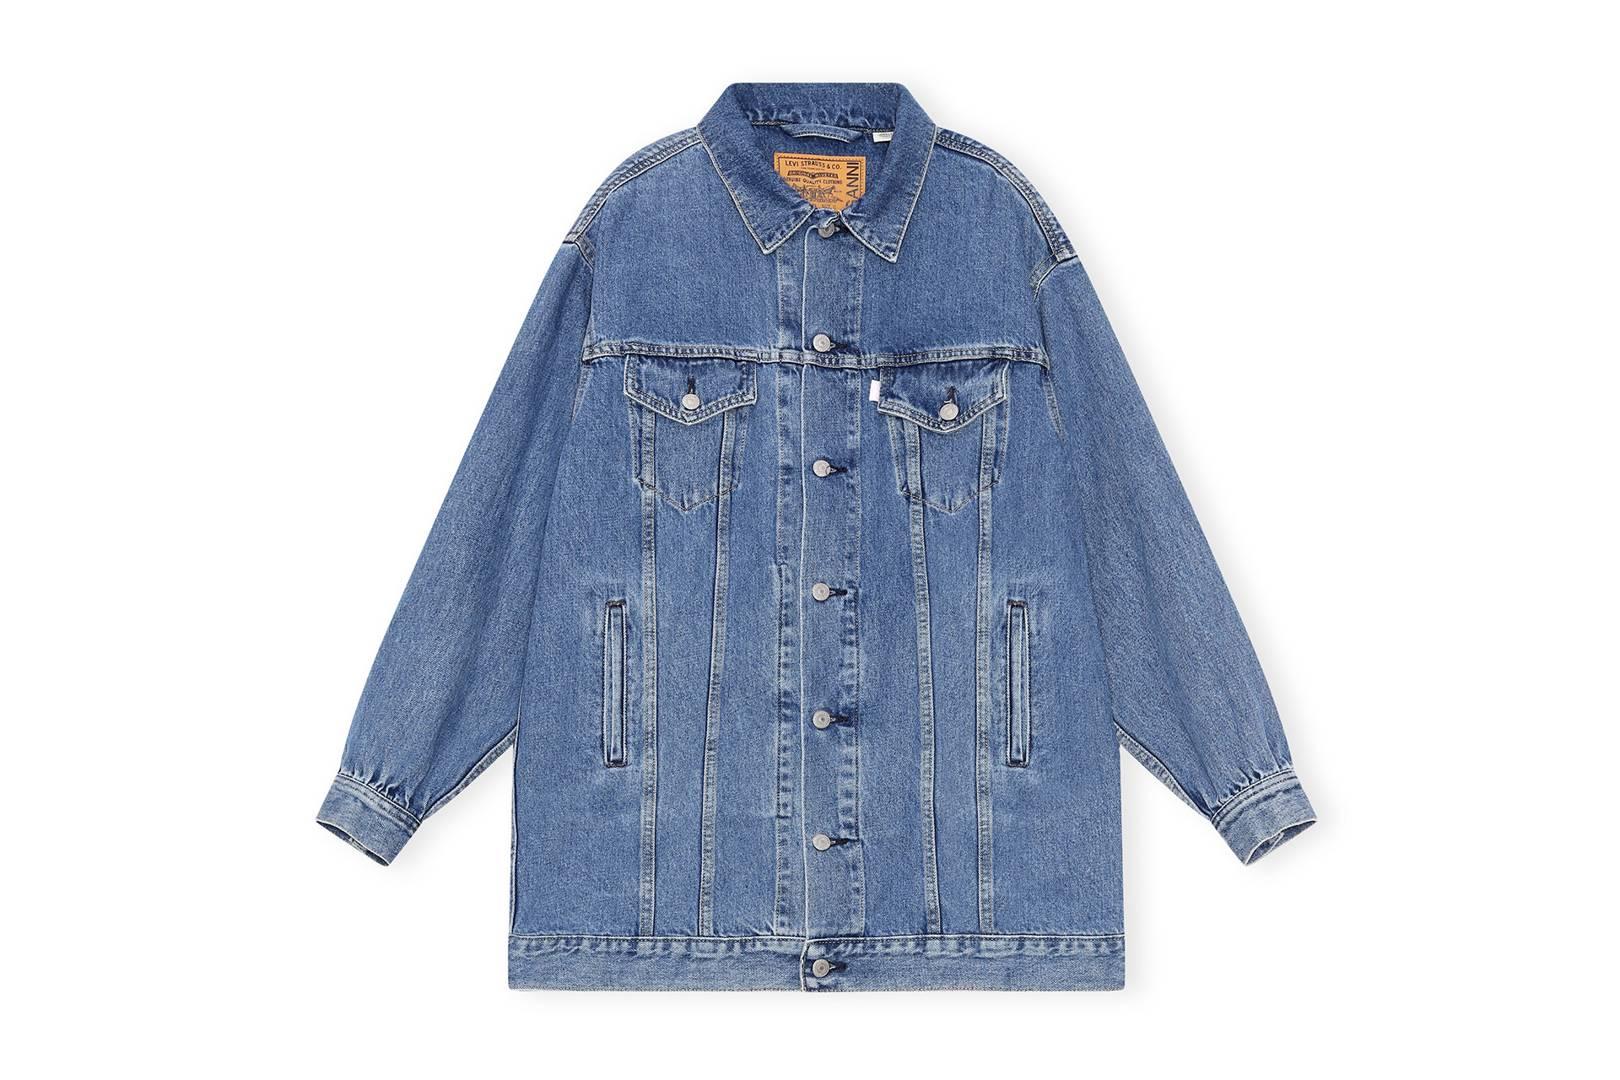 Ganni X Levi's Medium Indigo Denim Shirt, £375, Ganni